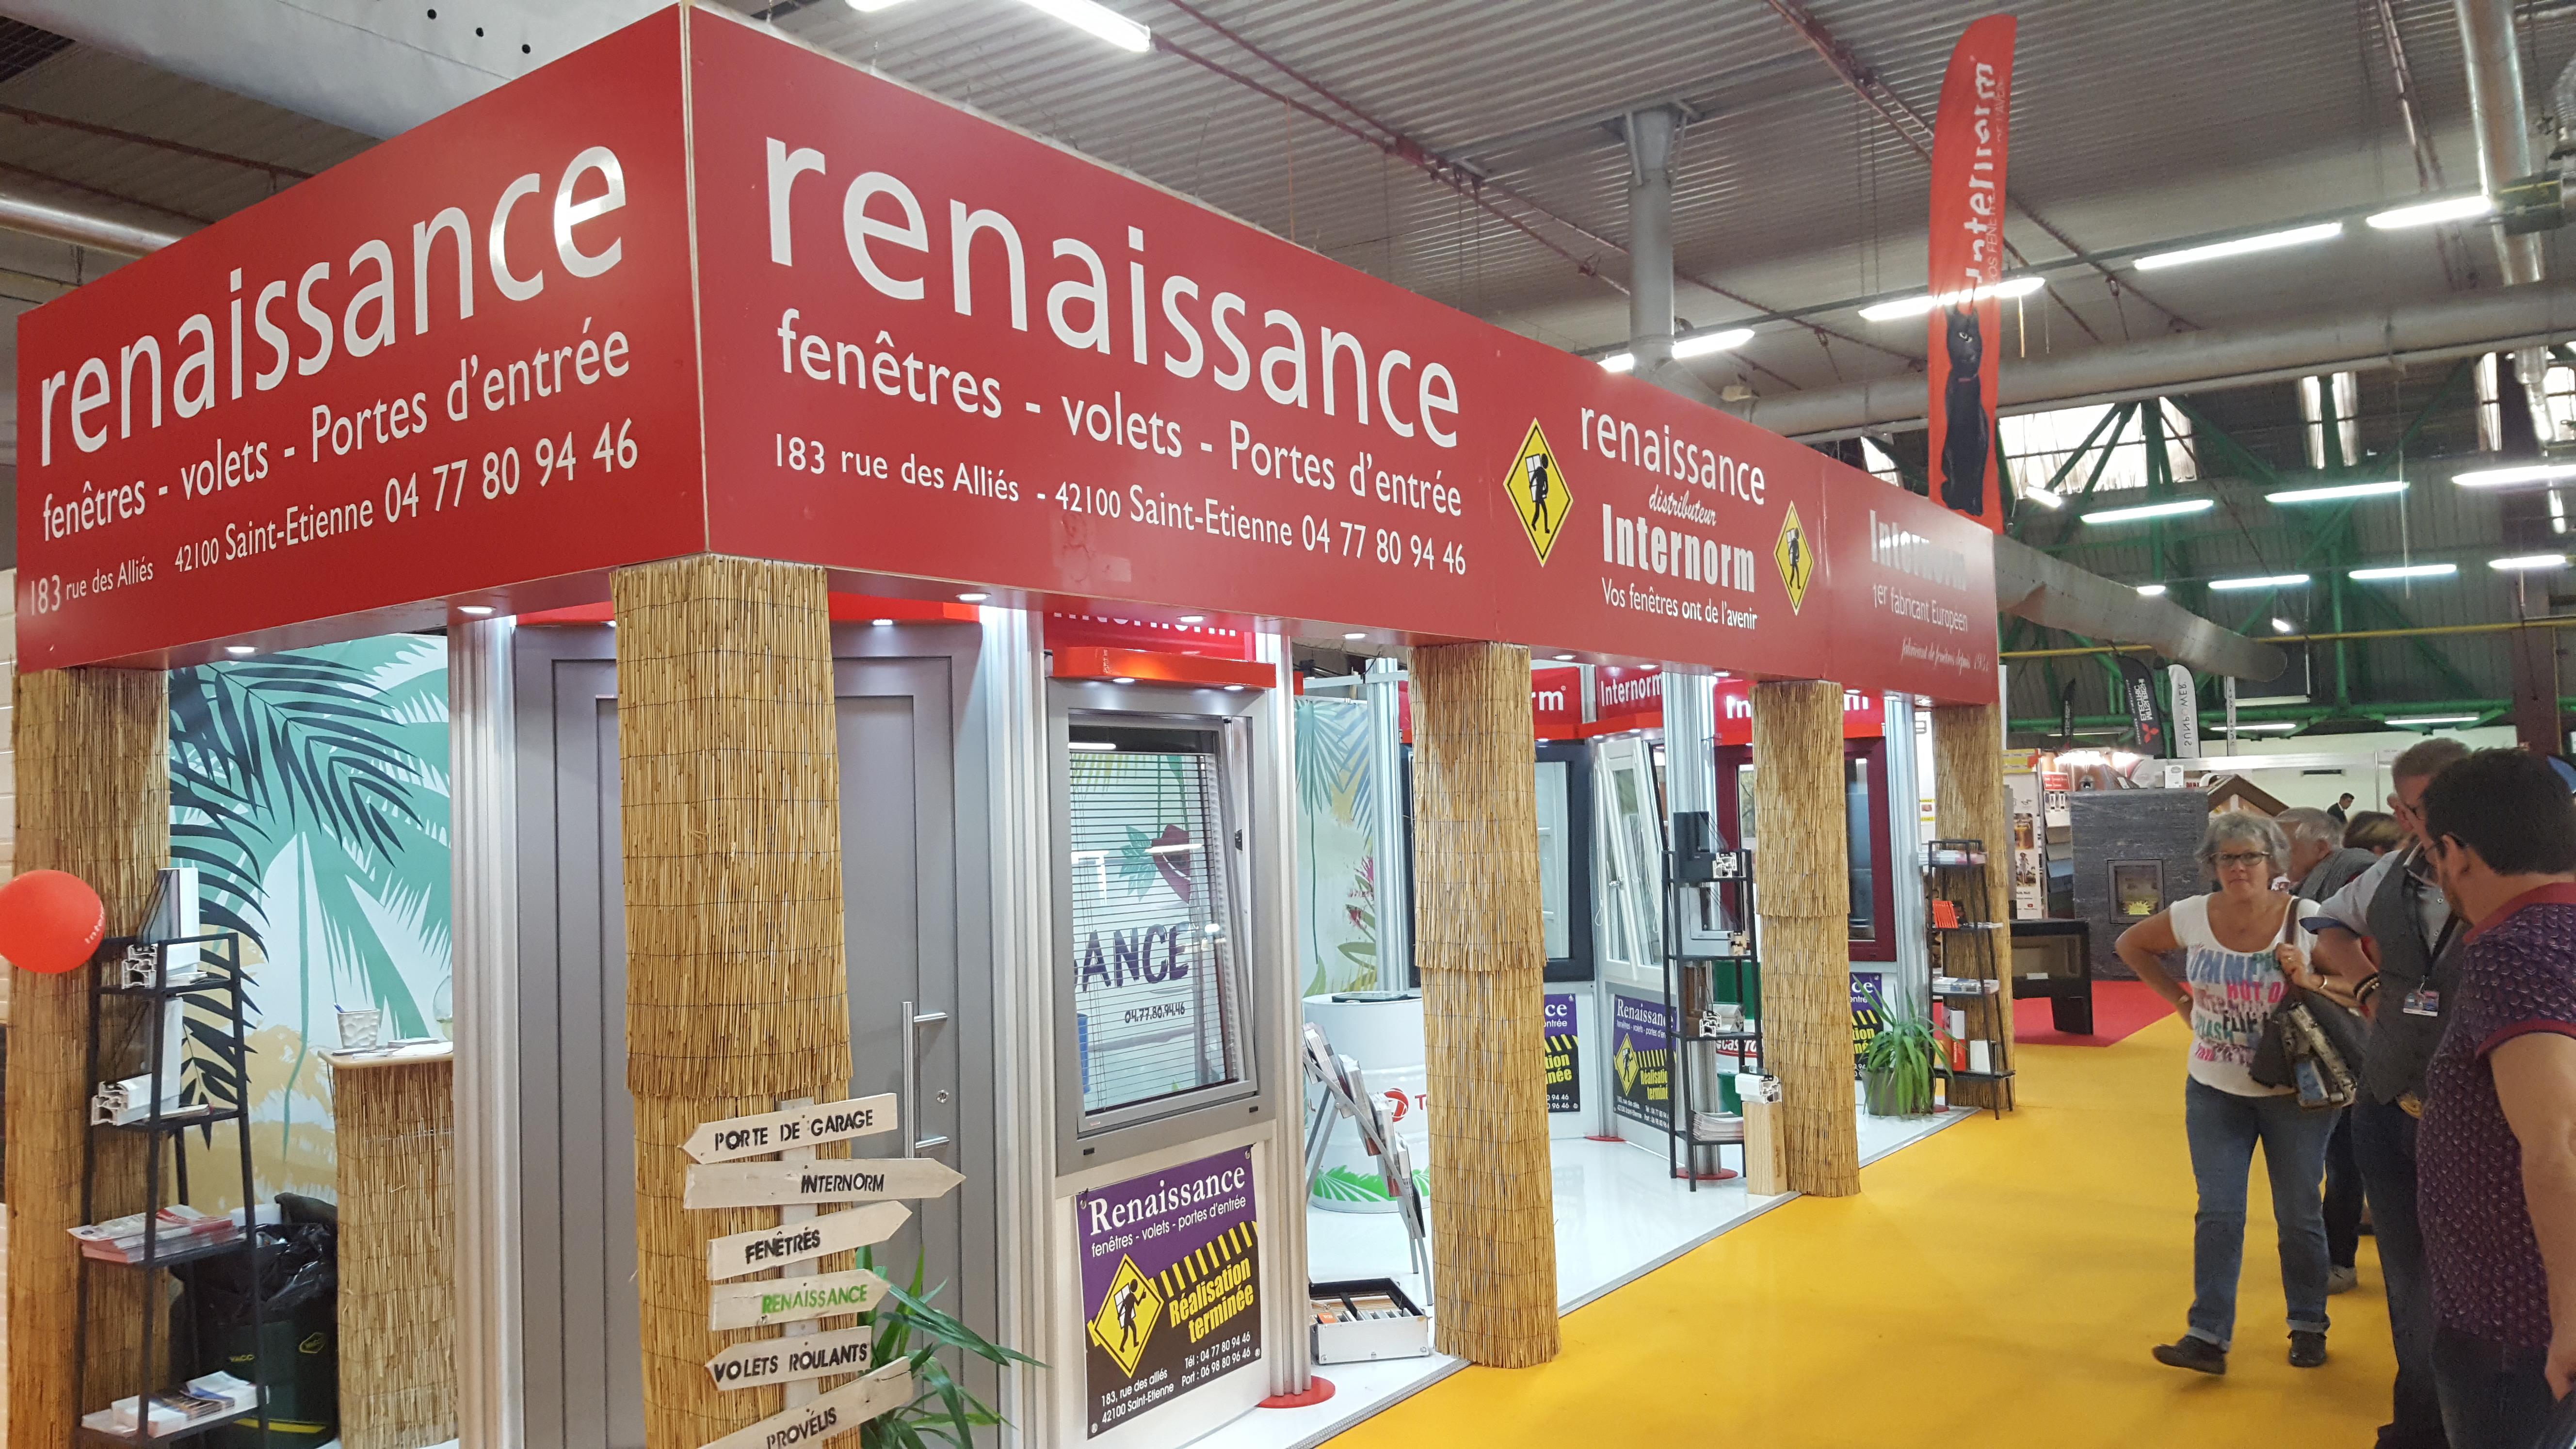 Renaissance sur la Foire de Saint-Etienne